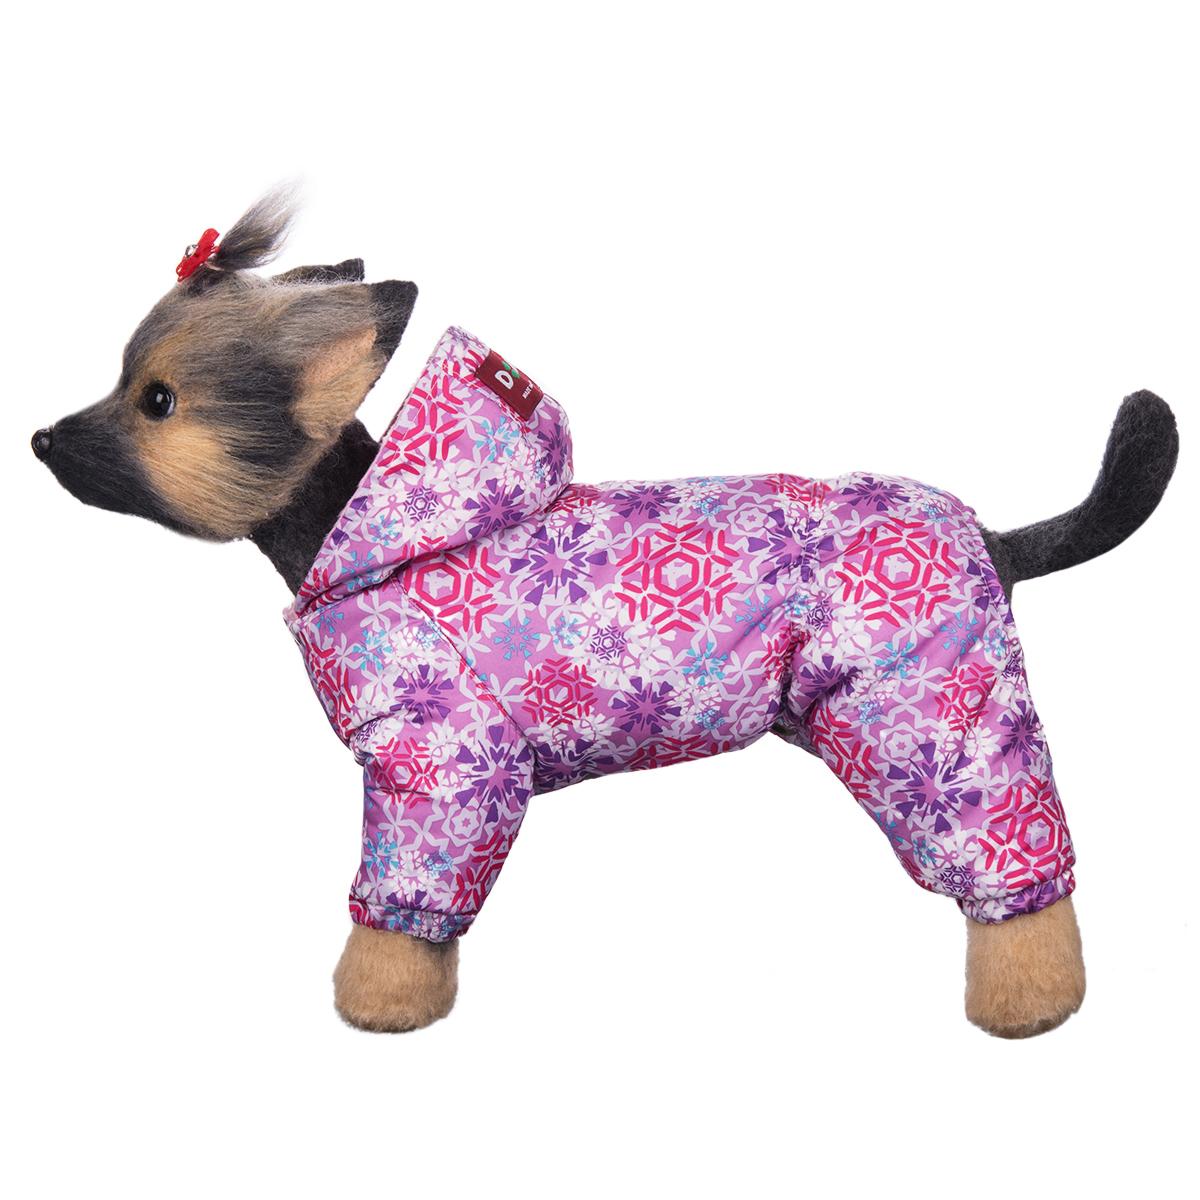 Комбинезон для собак Dogmoda Зима, зимний, для девочки, цвет: розовый, белый. Размер 1 (S)0120710Зимний комбинезон для собак Dogmoda Зима отлично подойдет для прогулок в зимнее время года. Комбинезон изготовлен из полиэстера, защищающего от ветра и снега, с утеплителем из синтепона, который сохранит тепло даже в сильные морозы, а на подкладке используется искусственный мех, который обеспечивает отличный воздухообмен. Комбинезон с капюшоном застегивается на кнопки, благодаря чему его легко надевать и снимать. Капюшон не отстегивается. Низ рукавов и брючин оснащен внутренними резинками, которые мягко обхватывают лапки, не позволяя просачиваться холодному воздуху. Благодаря такому комбинезону простуда не грозит вашему питомцу.